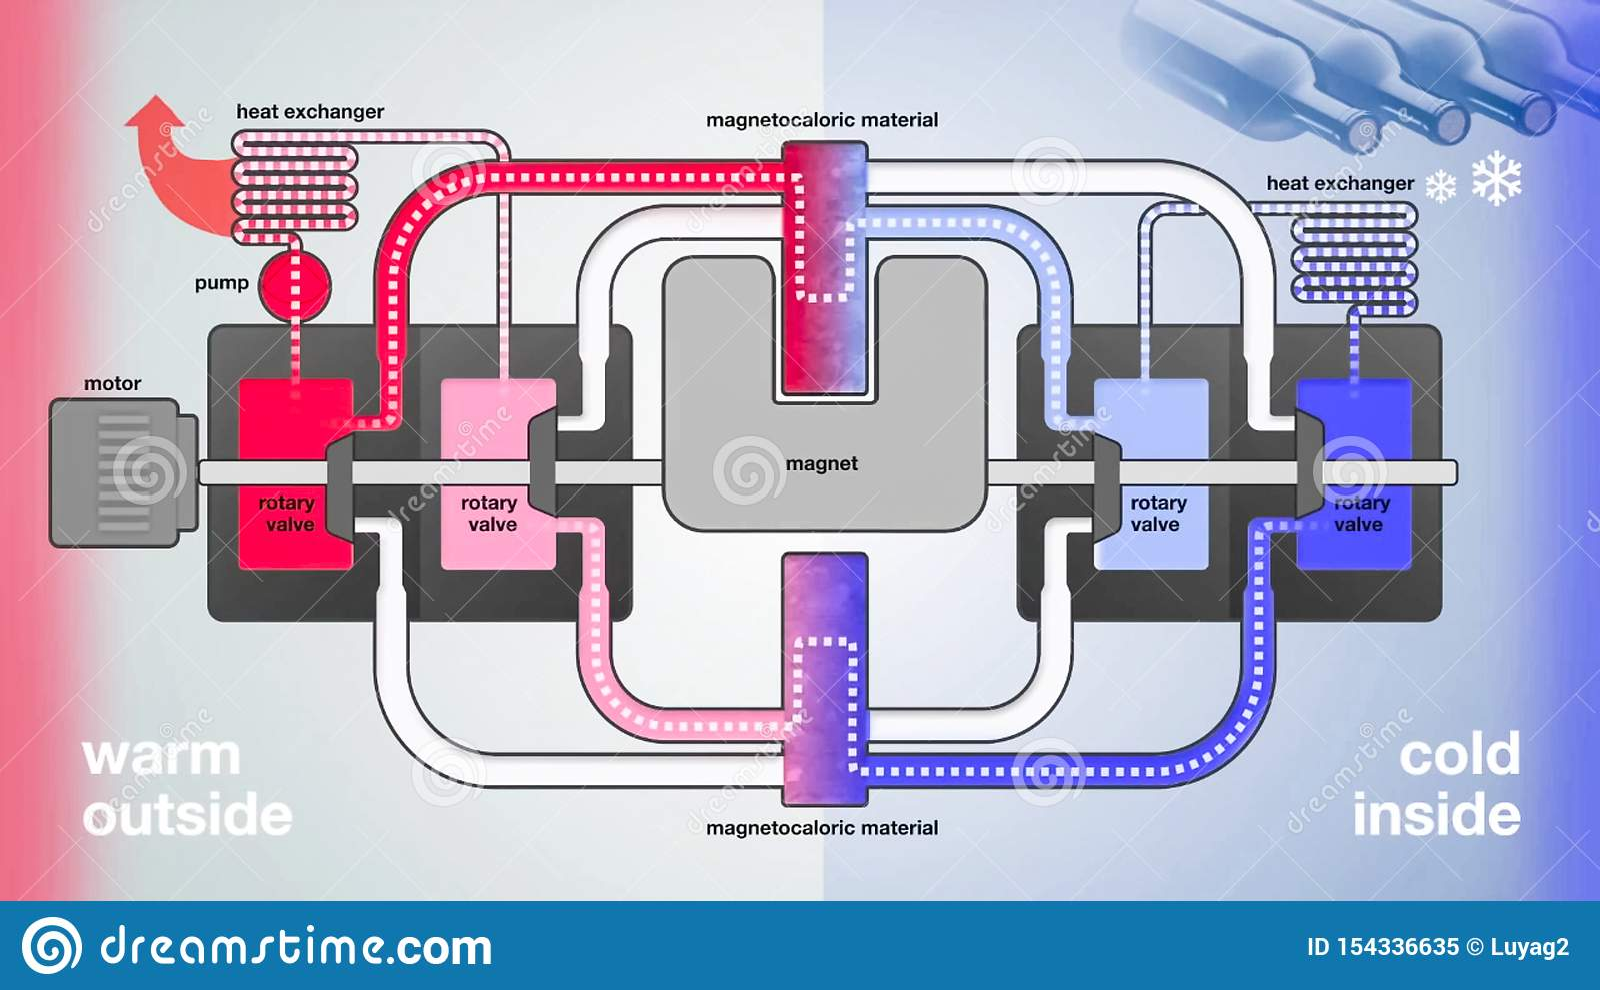 Diagram Of The Refrigeration Heat Exchange Installation